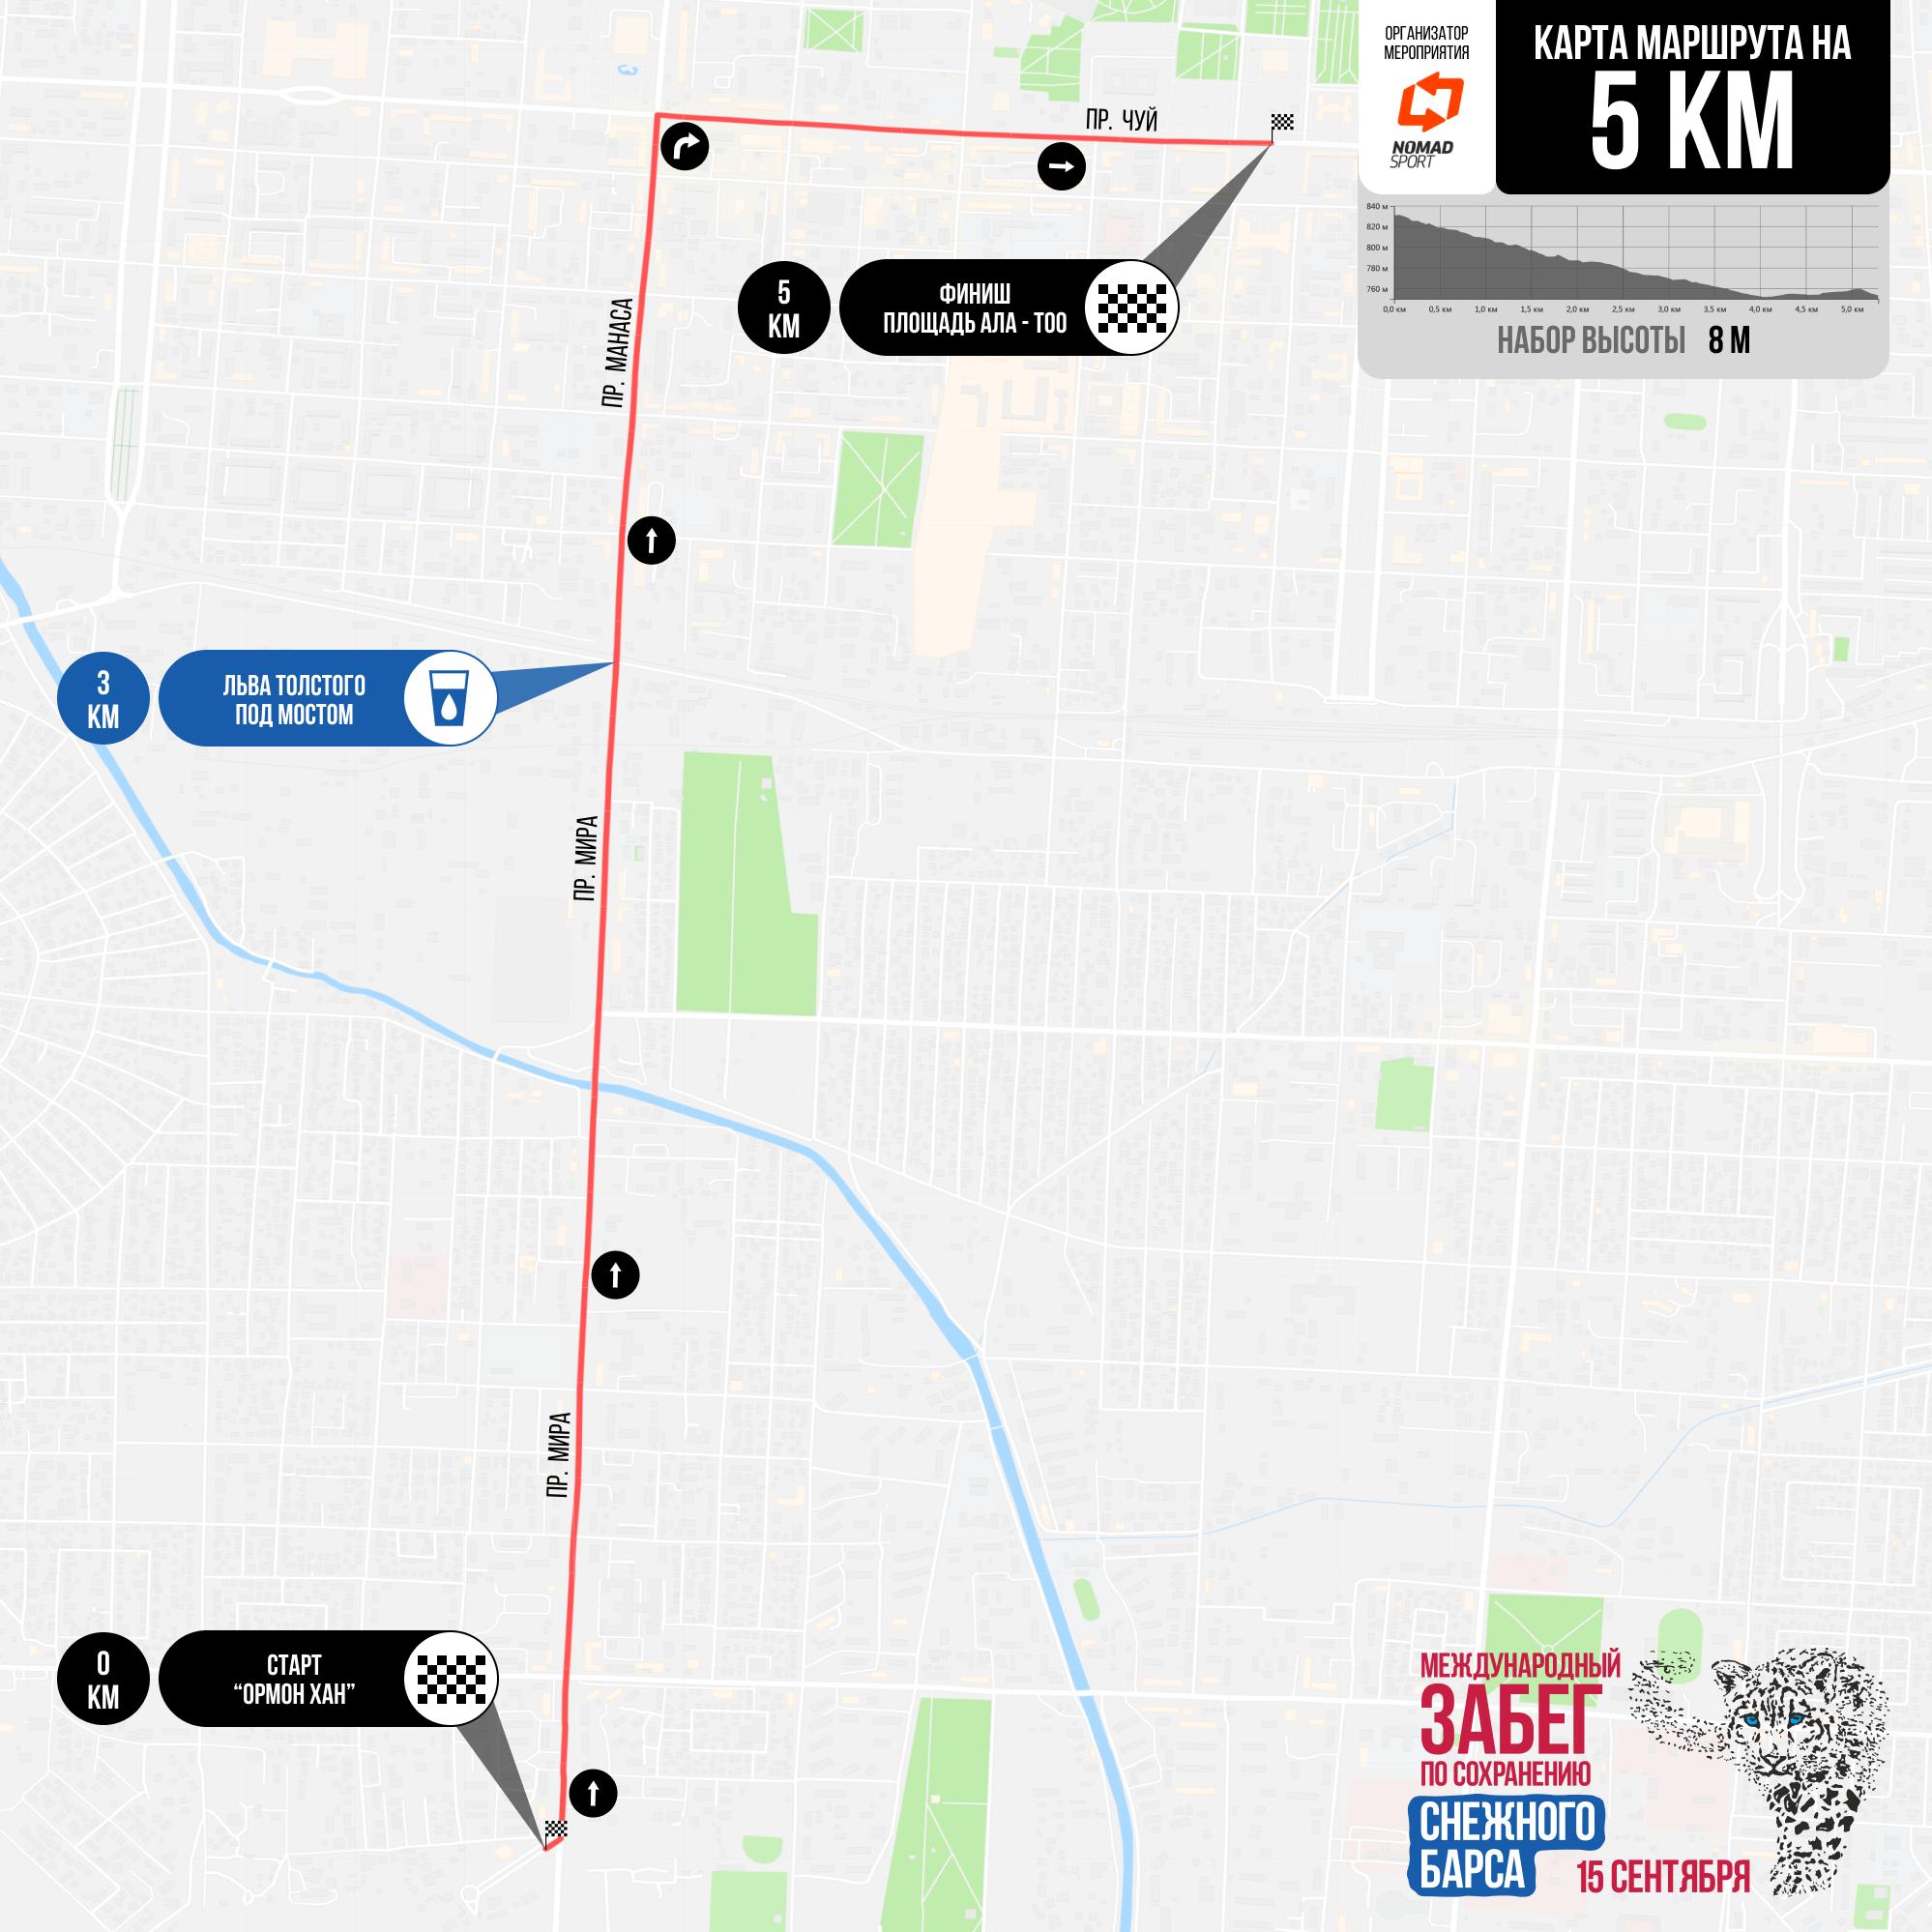 Дистанция в 5 километров начнется возле памятника Ормон хану на проспекте Чингиза Айтматова, затем пойдет вниз до проспекта Чуй и закончится на площади Ала-Тоо. Допускаются участники от 16 лет и старше.